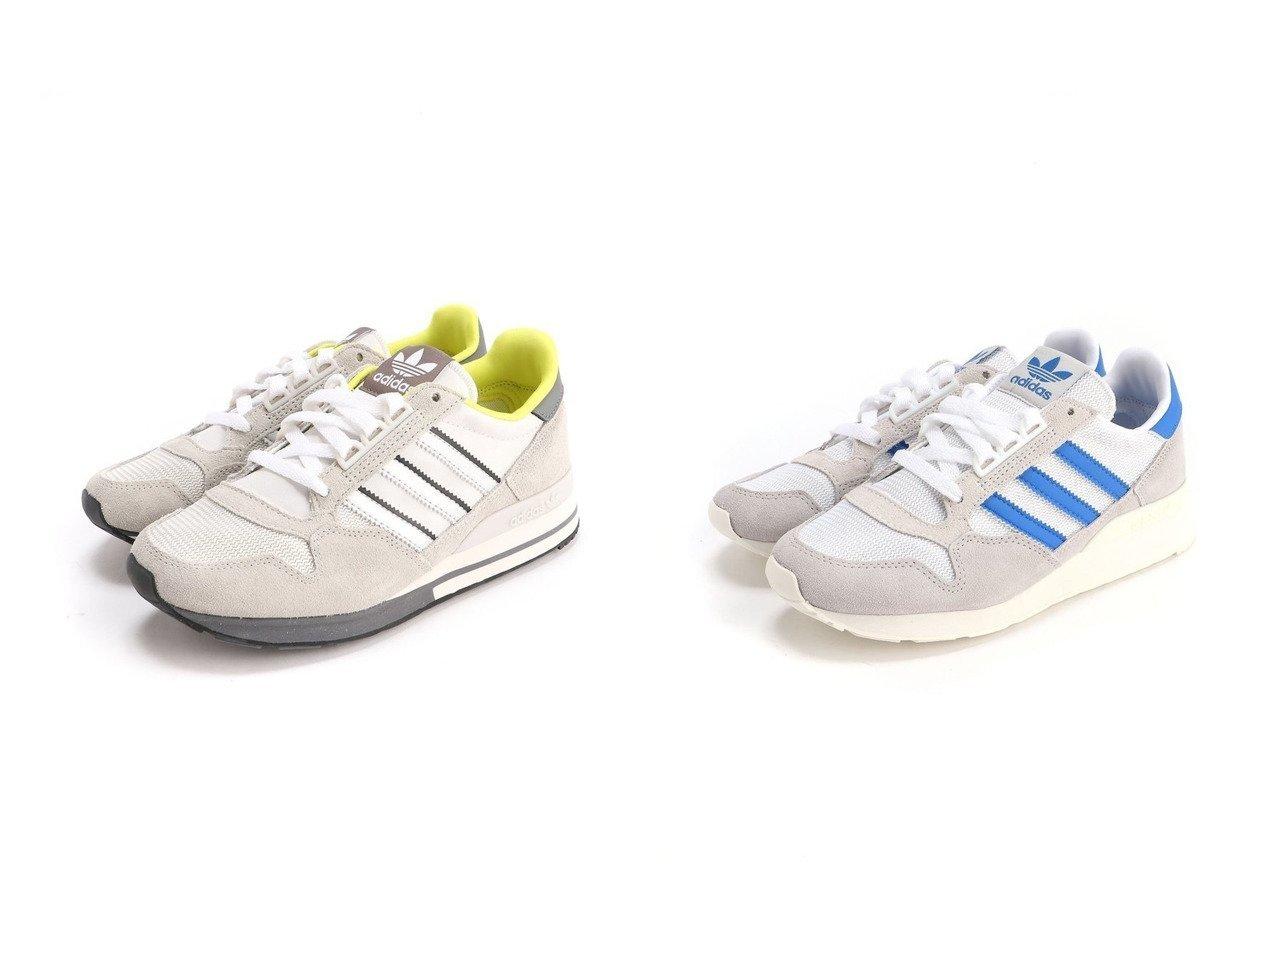 【adidas/アディダス】のADIDAS ZX500 シューズ・靴のおすすめ!人気、トレンド・レディースファッションの通販 おすすめで人気の流行・トレンド、ファッションの通販商品 メンズファッション・キッズファッション・インテリア・家具・レディースファッション・服の通販 founy(ファニー) https://founy.com/ ファッション Fashion レディースファッション WOMEN 2020年 2020 2020-2021 秋冬 A/W AW Autumn/Winter / FW Fall-Winter 2020-2021 A/W 秋冬 AW Autumn/Winter / FW Fall-Winter シューズ スニーカー スリッポン  ID:crp329100000014034